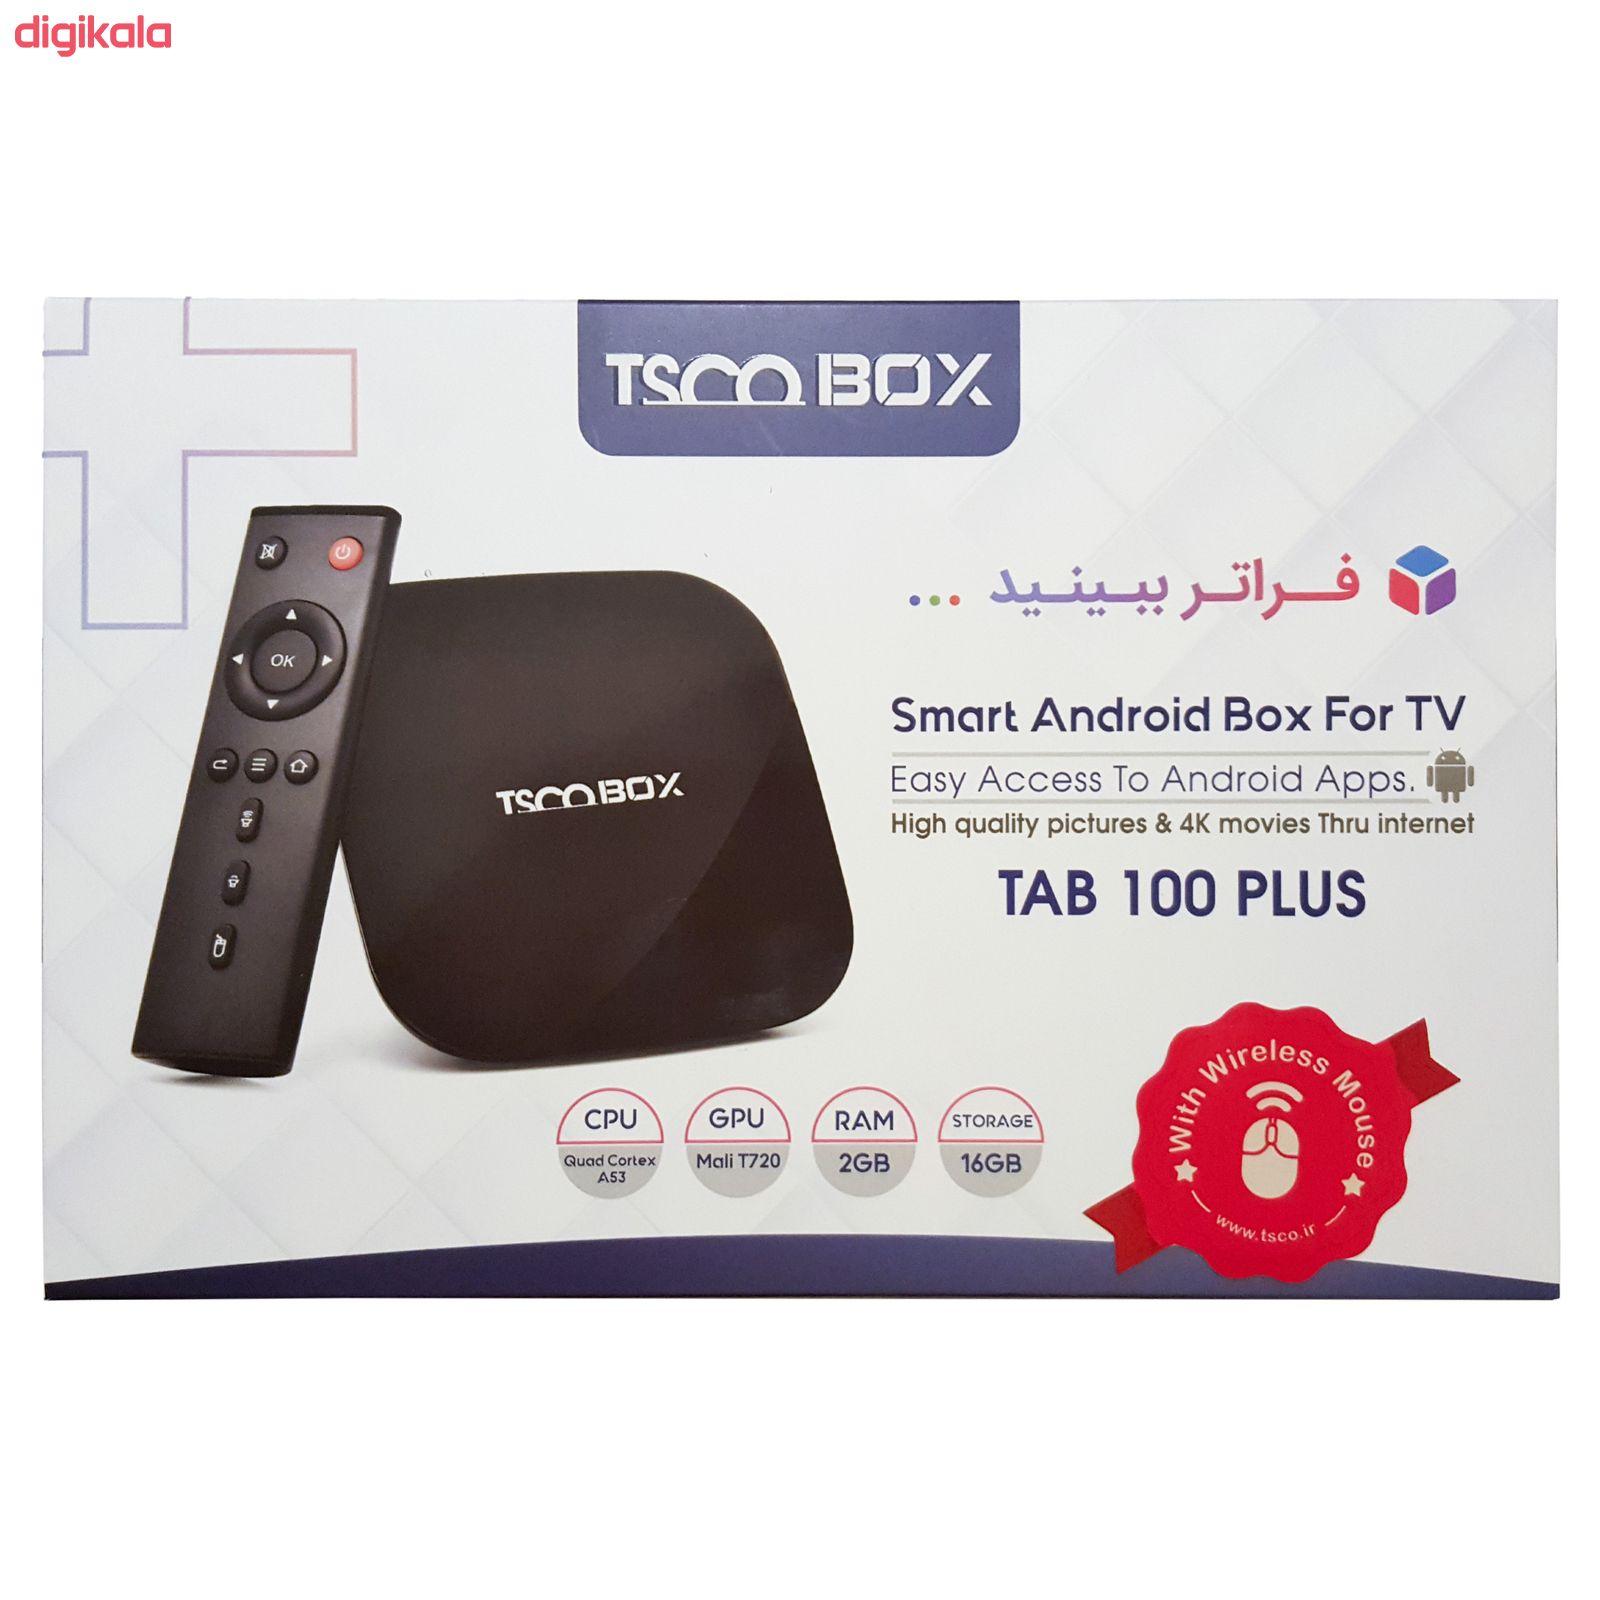 اندروید باکس تسکو مدل Tab 100 Plus به همراه ماوس بی سیم main 1 10